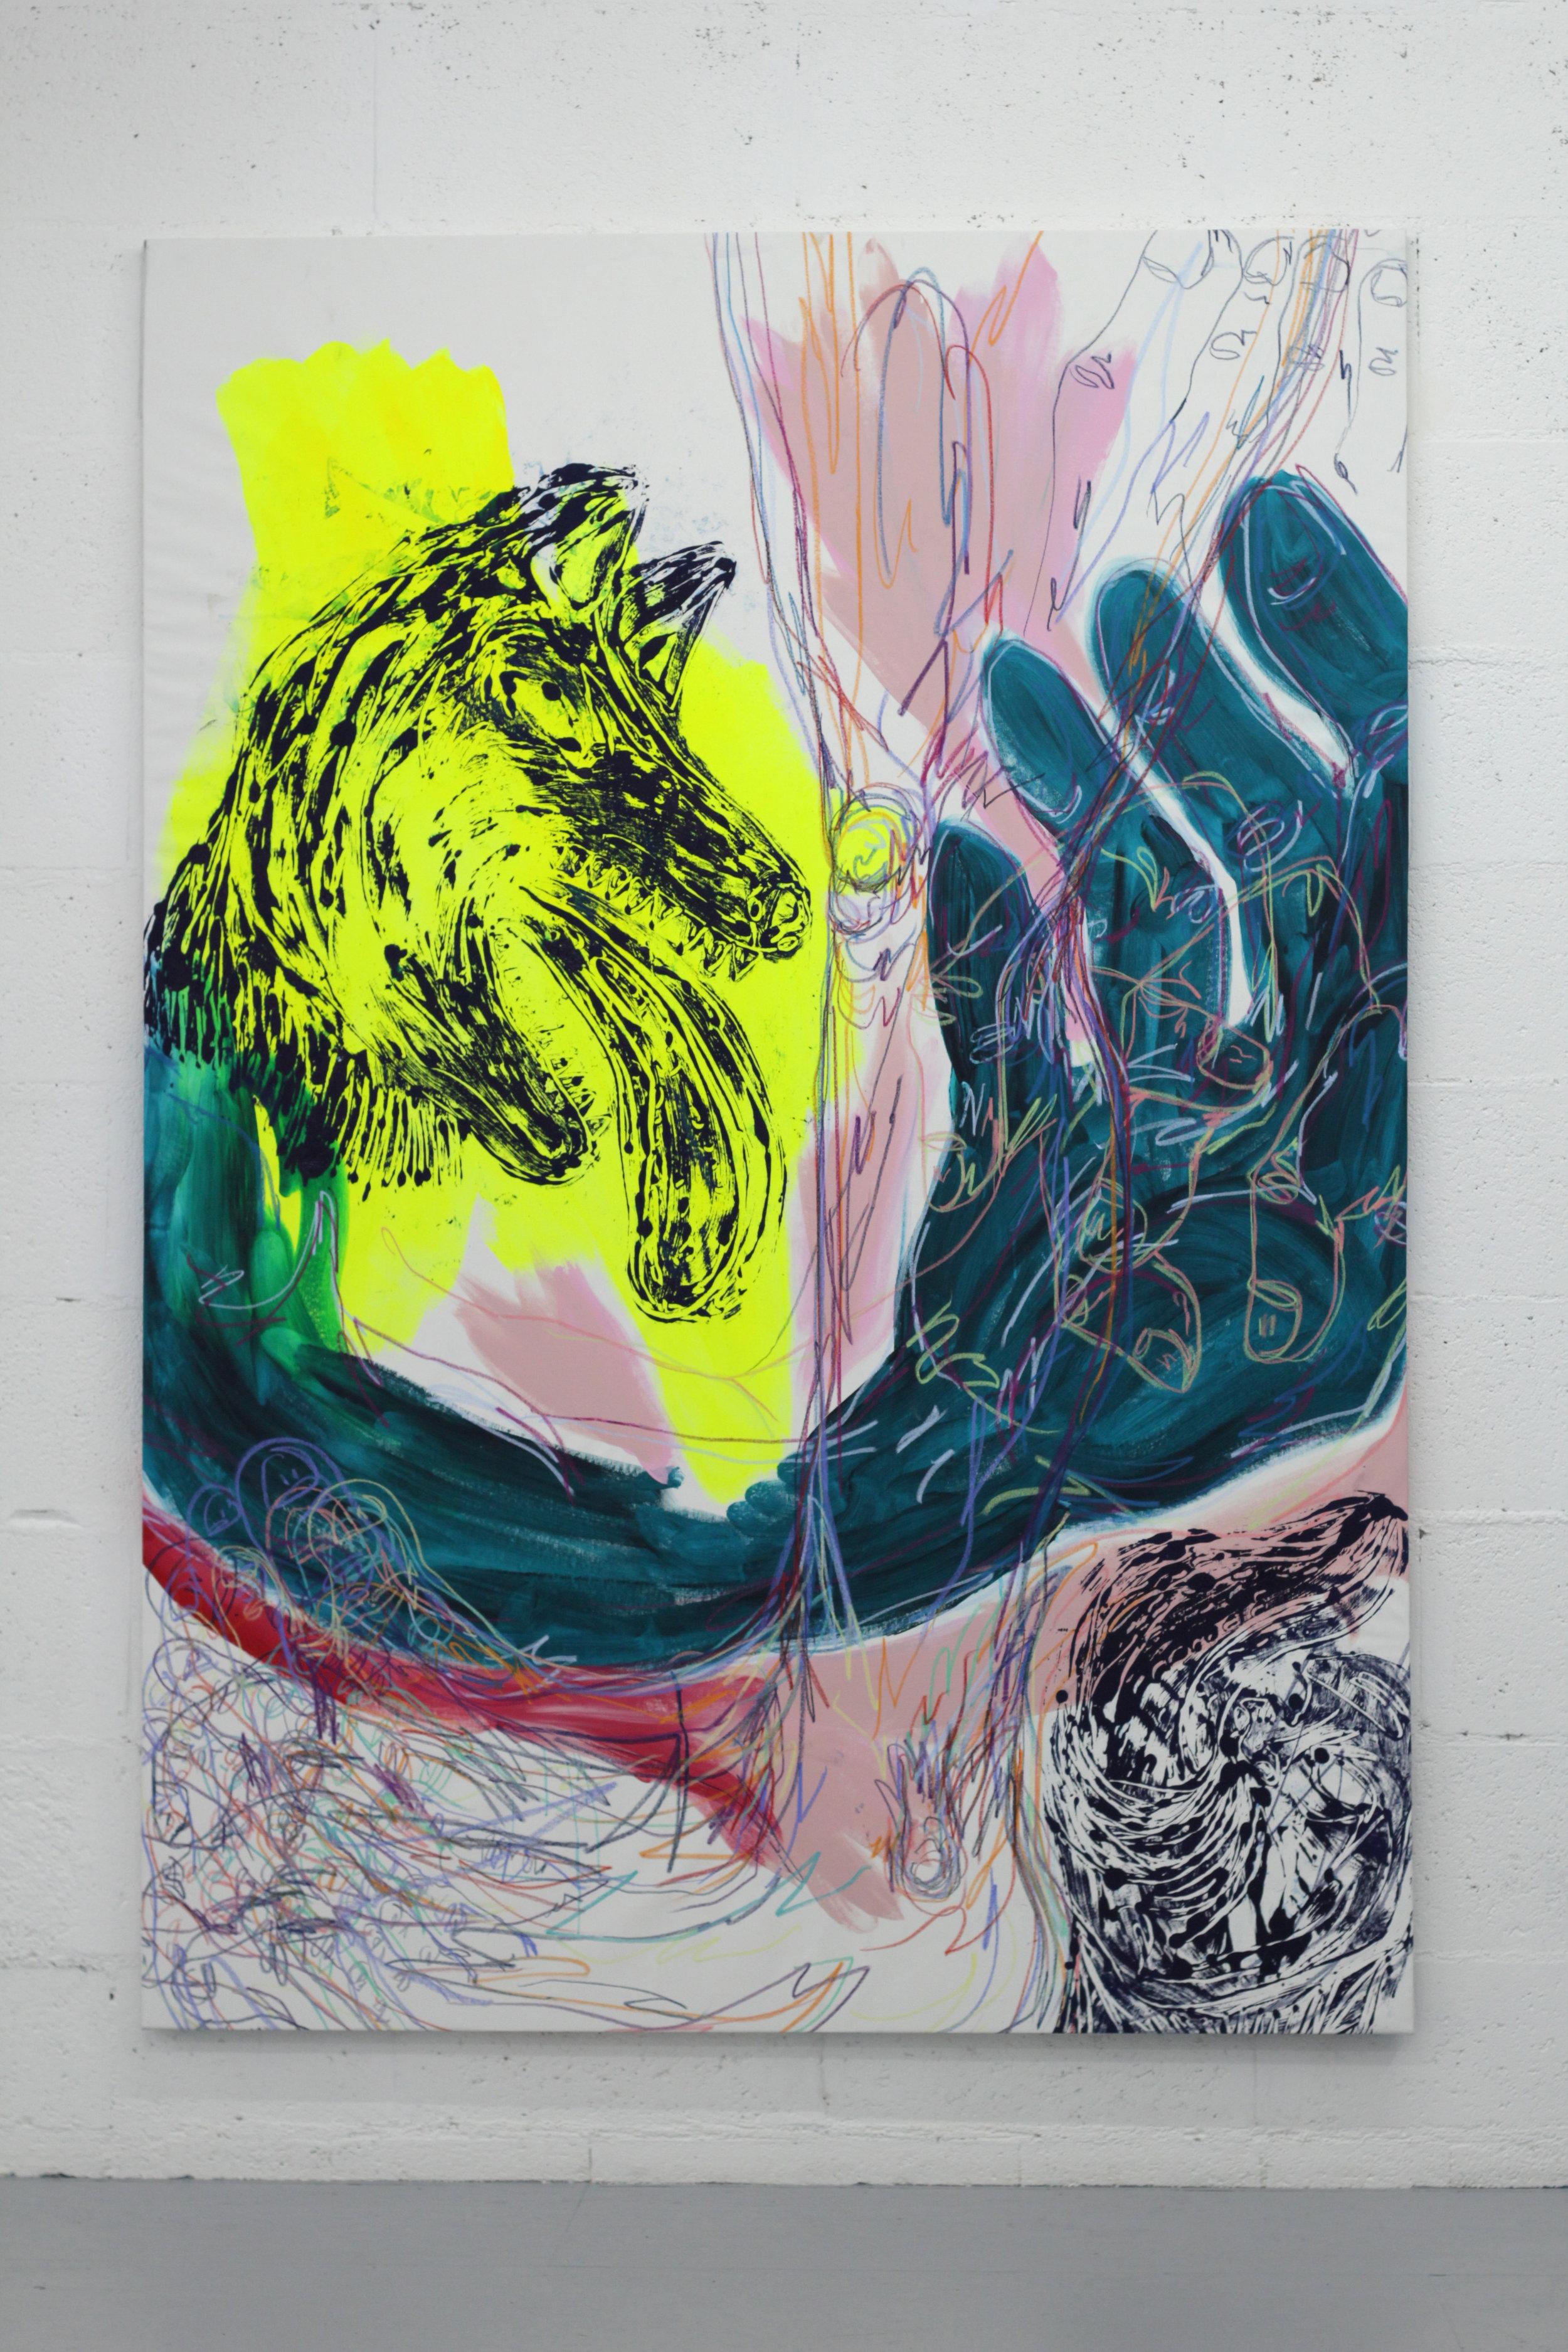 Cécile Guettier,  Pendant que j'y réfléchis encore un escargot me dépasse,  techniques mixtes, monotype, encre, acrylique, pastel gras, 200x160cm, 2018